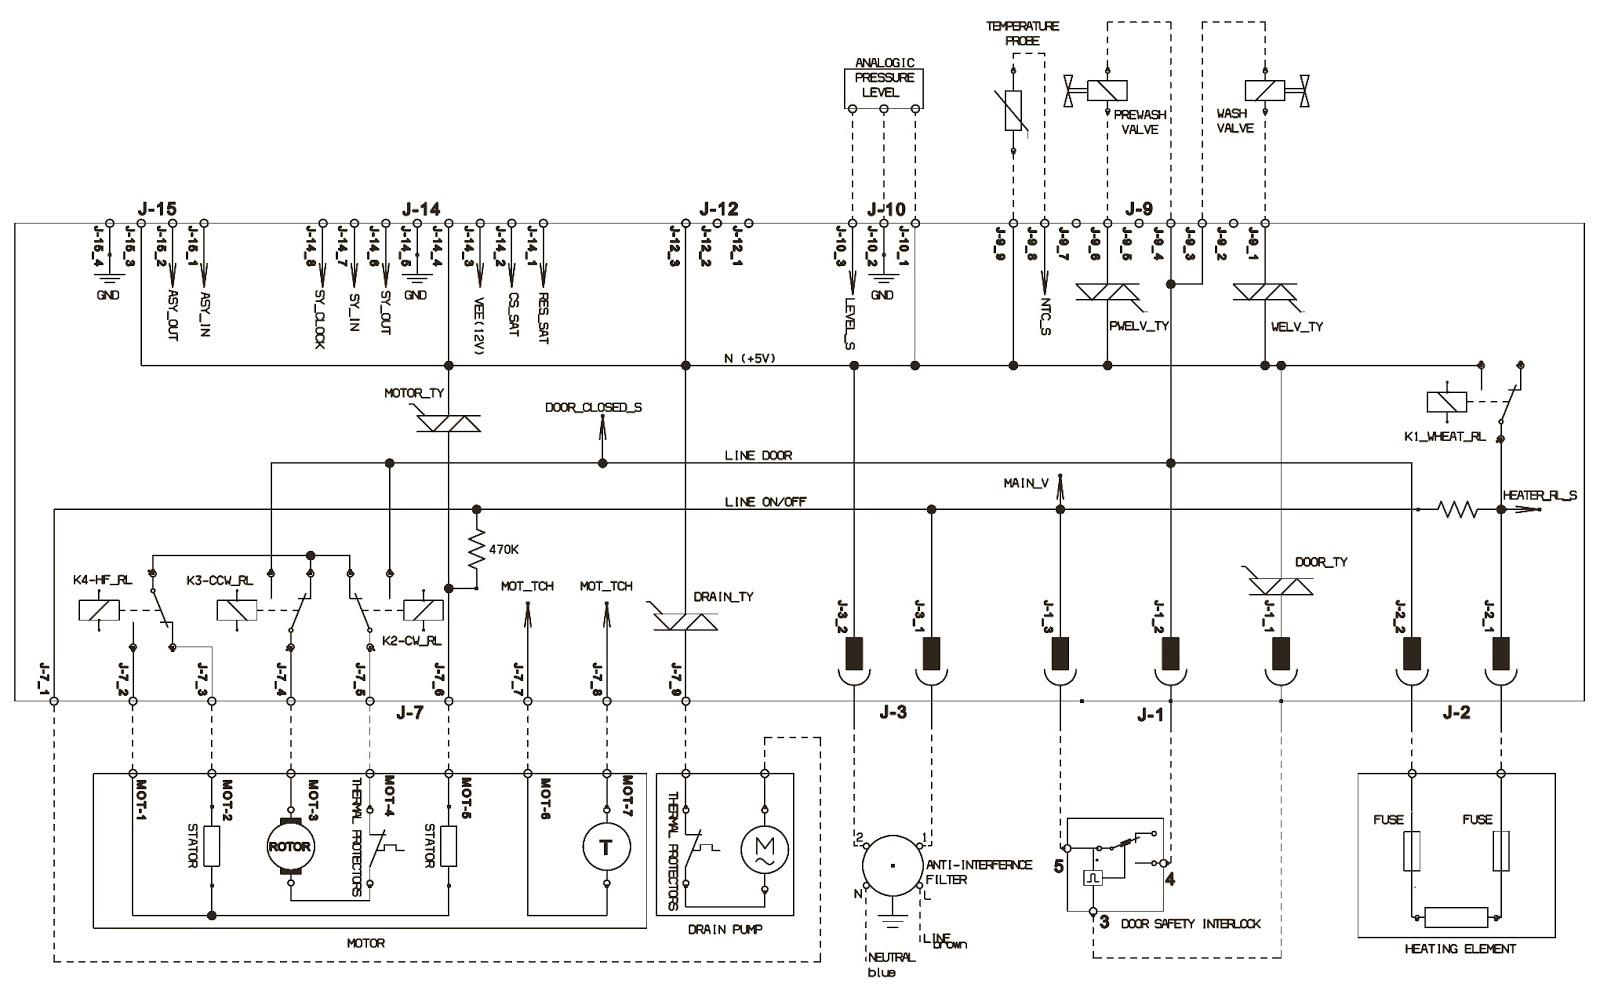 electrolux wiring diagrams wiring diagram filter mod wiring electrolux diagram frc05lsdwo [ 1600 x 987 Pixel ]